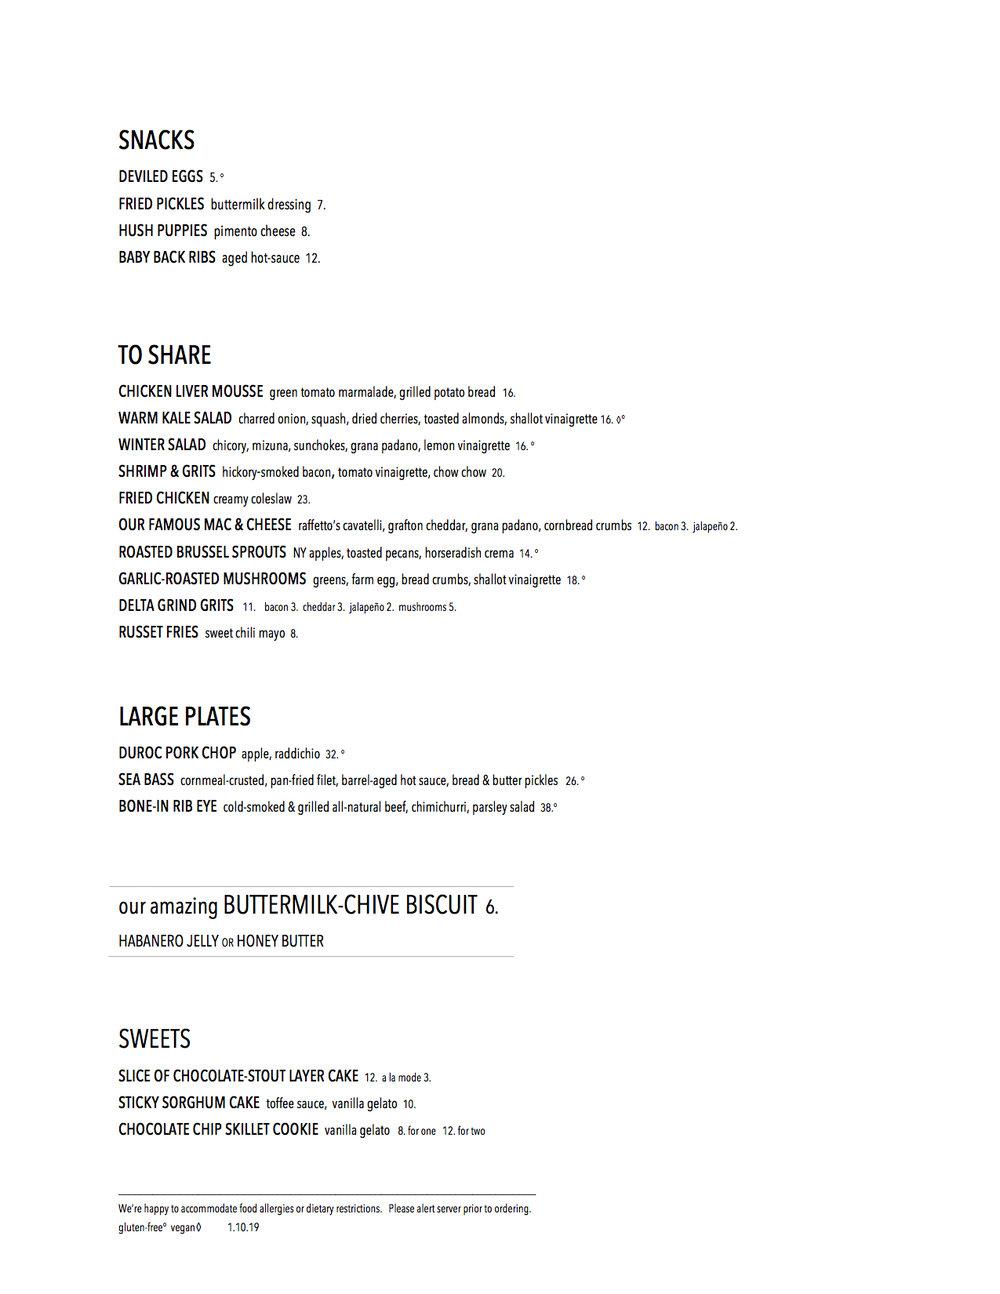 DINNER MENU (1.10.19) .jpg